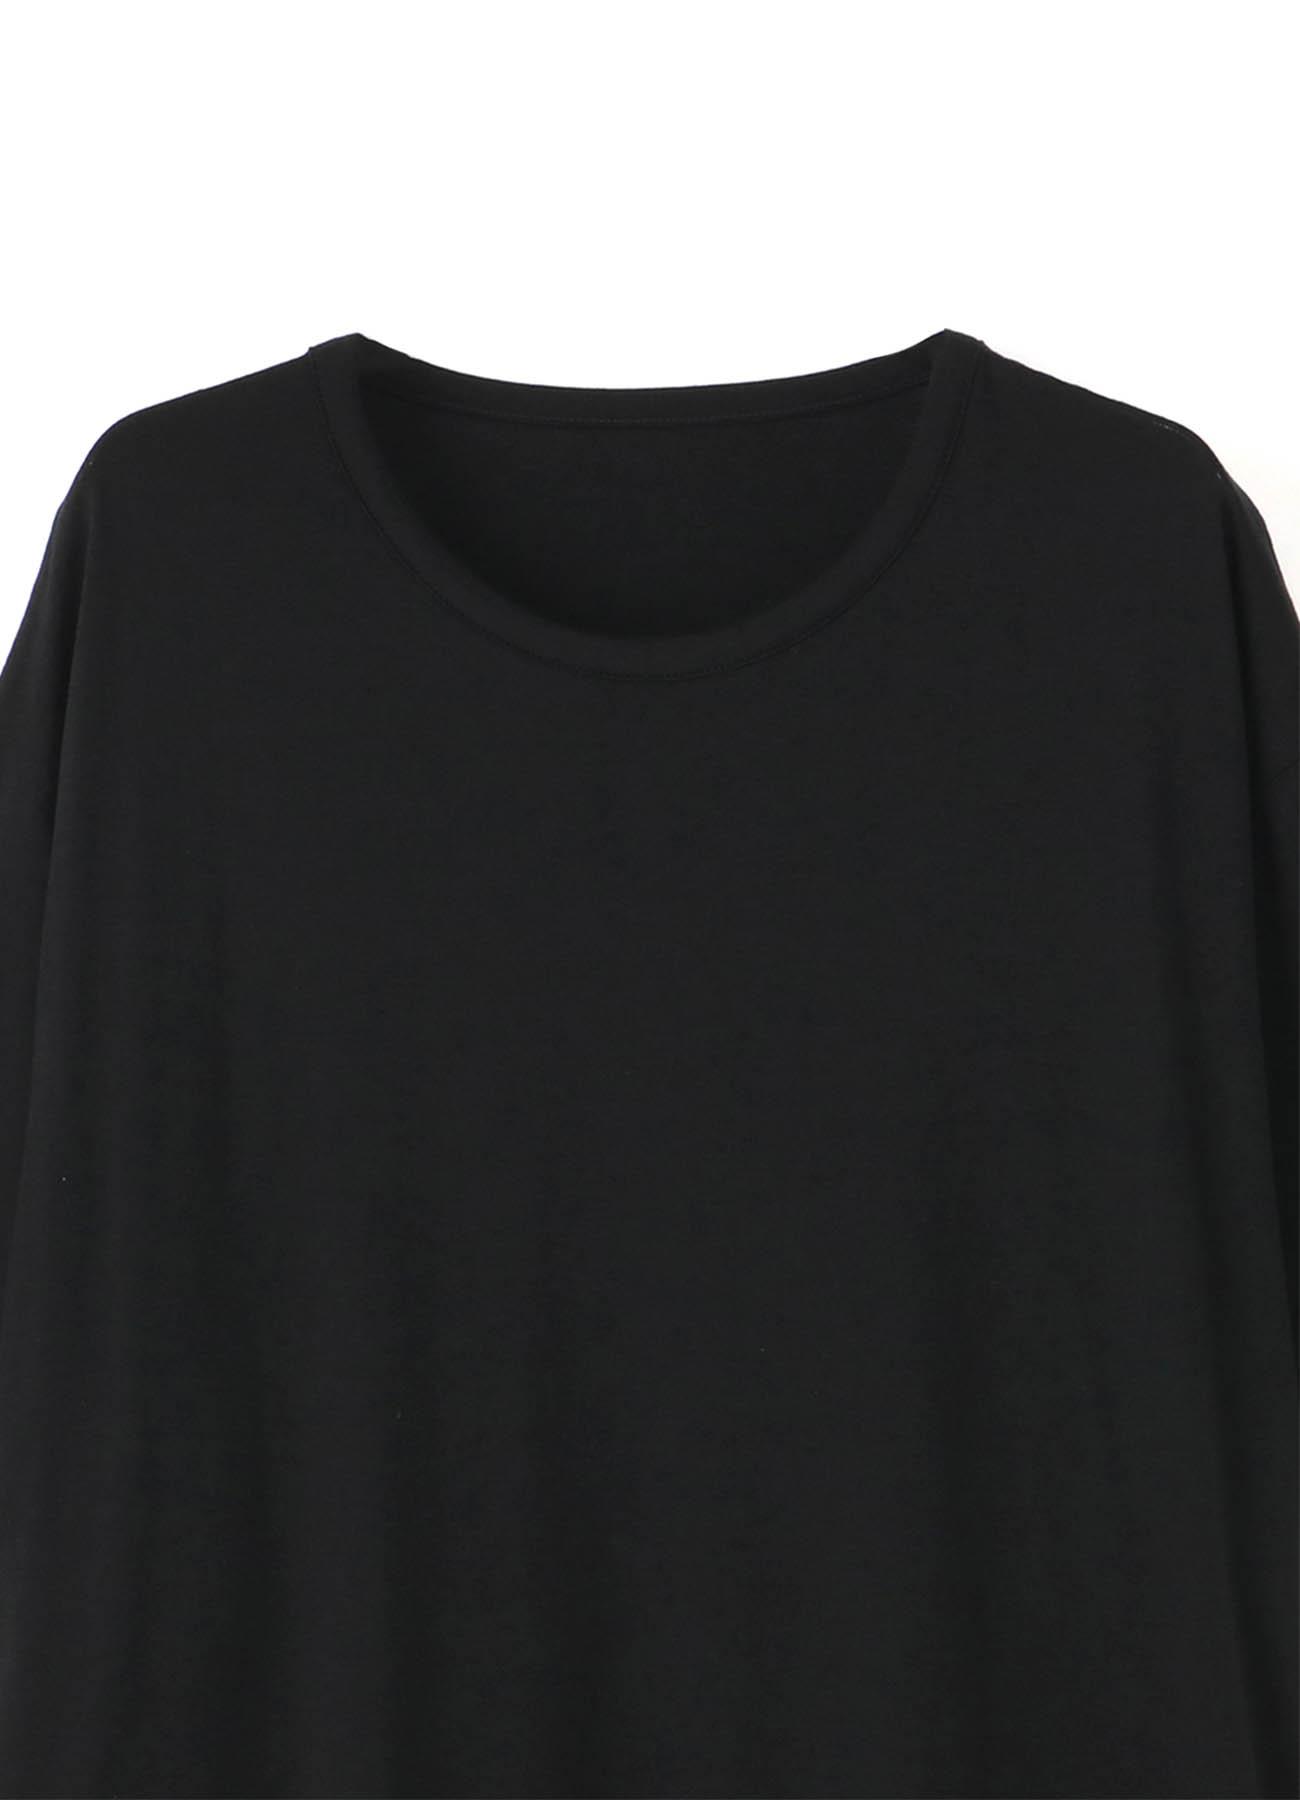 30 /-莫代尔球衣绑大胸缝